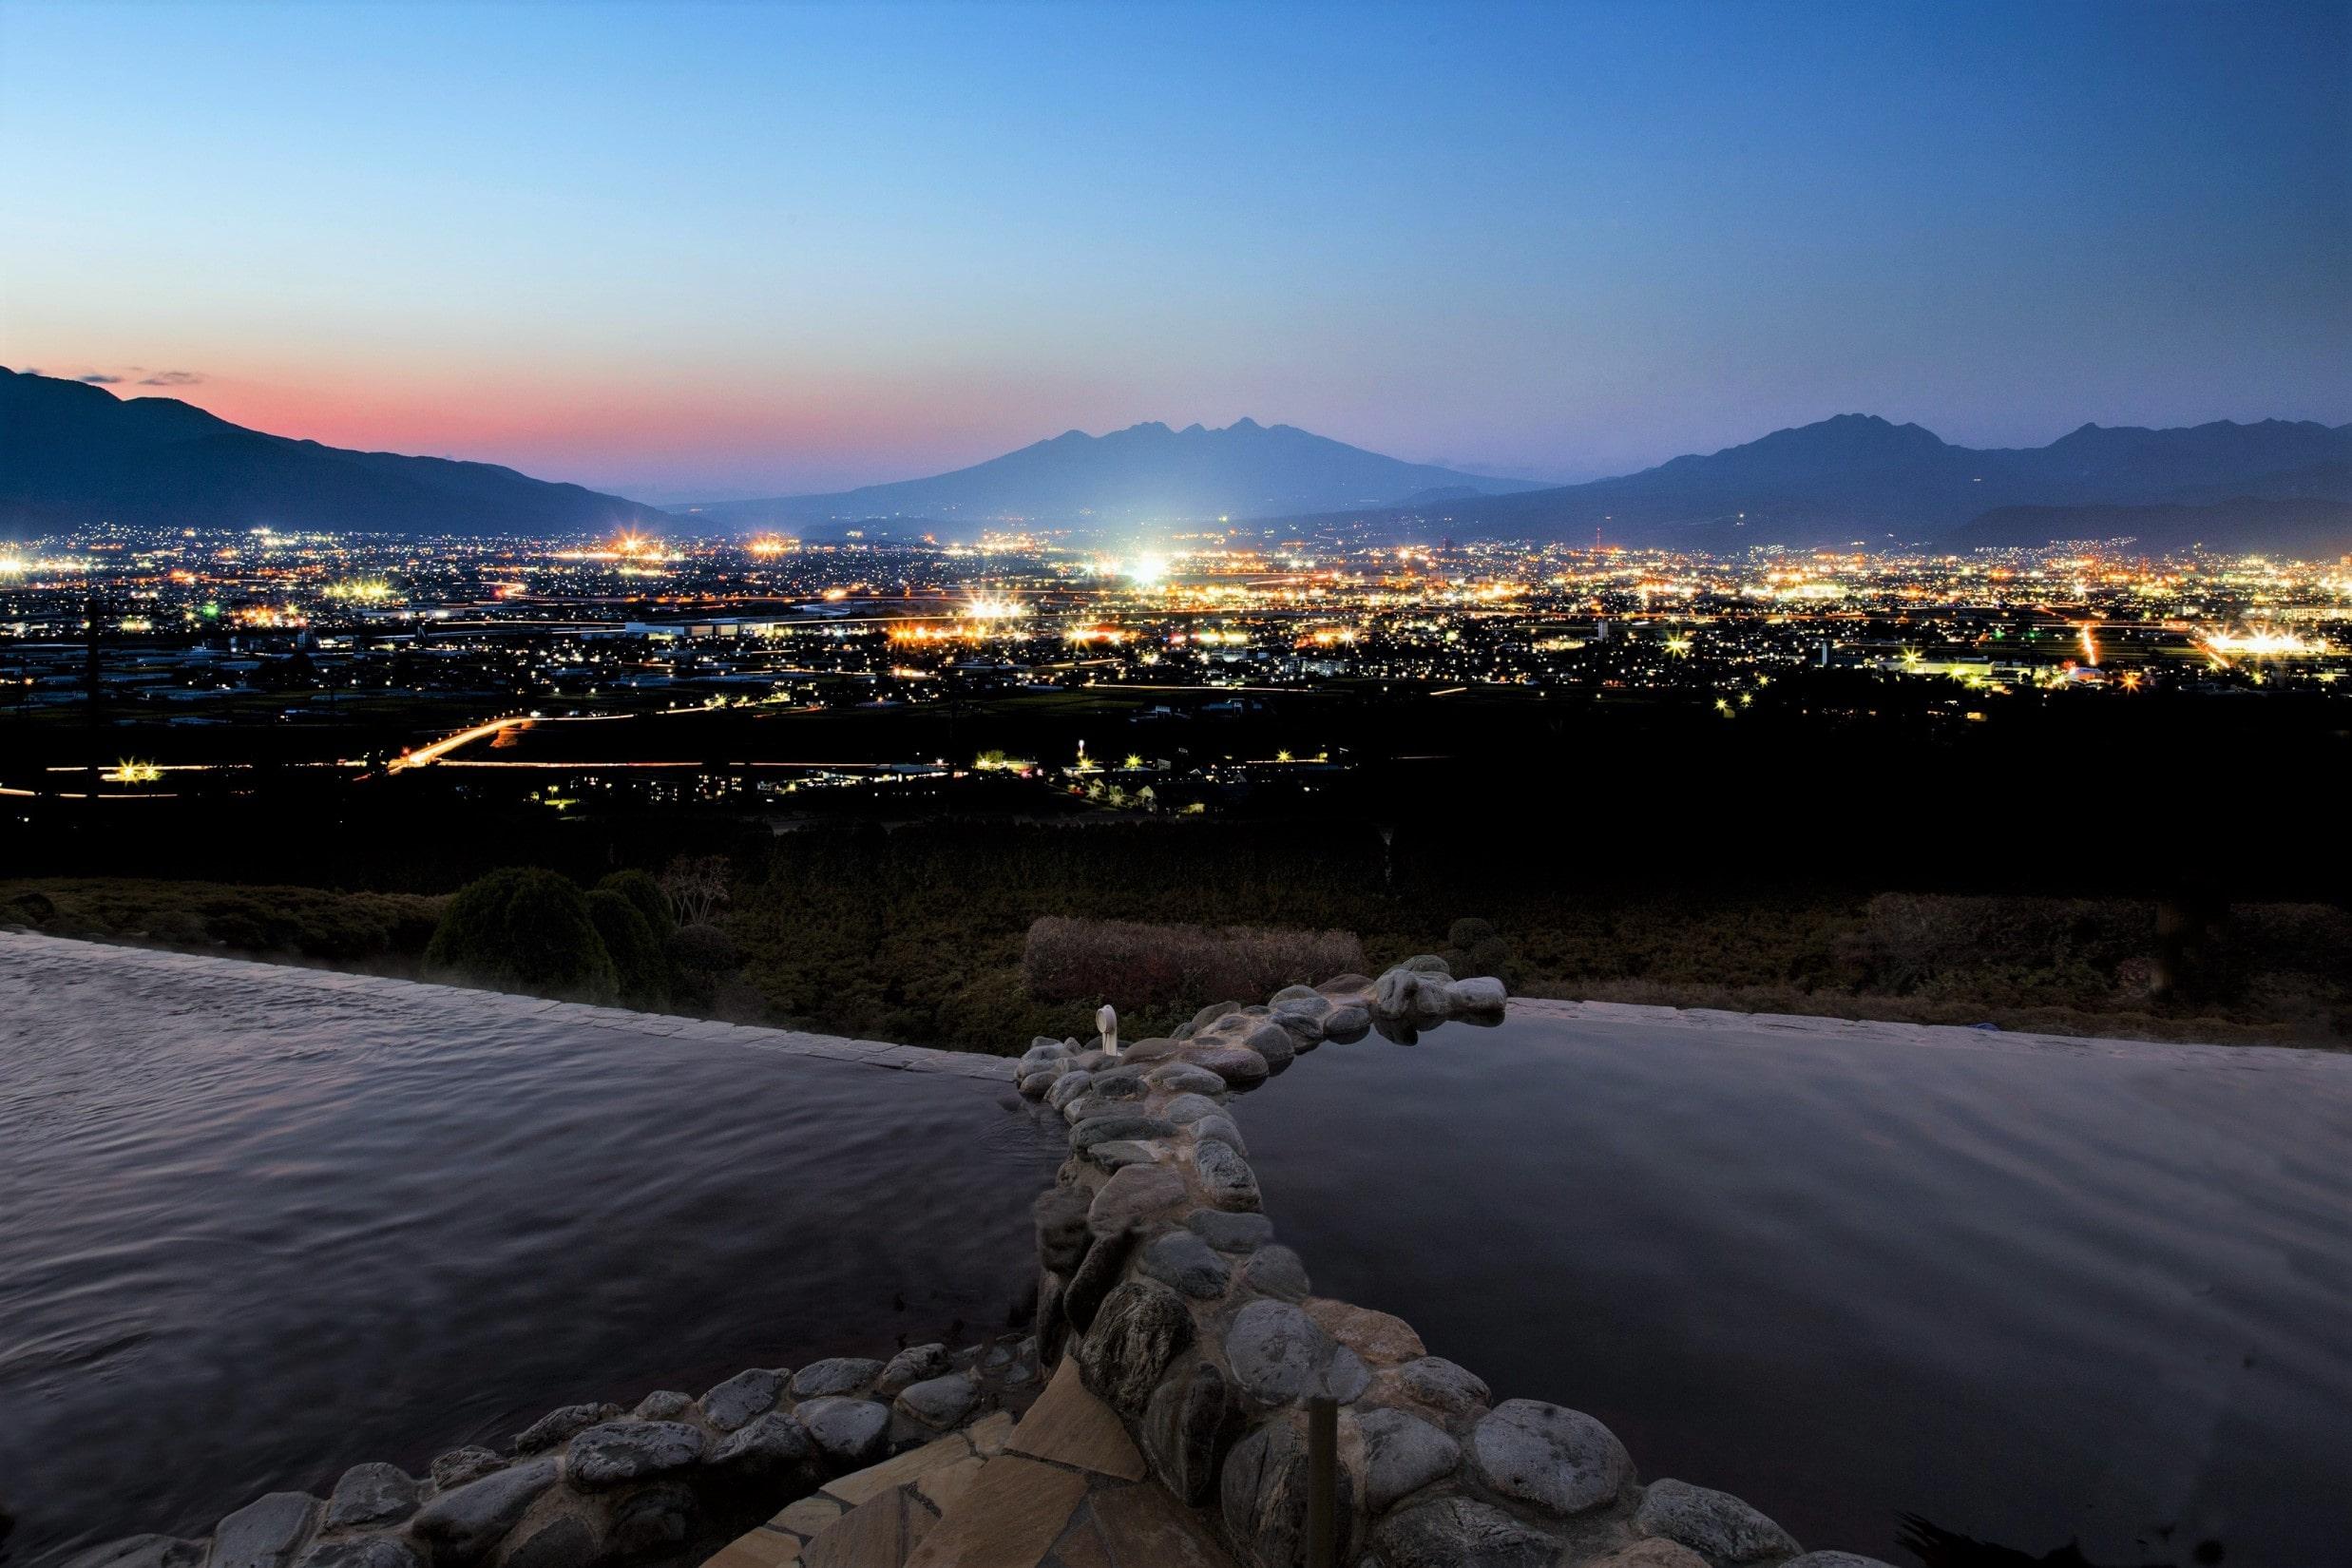 みはらしの丘 みたまの湯 miharashi no oka mitamano yu 夜景100選img_191537_1-min